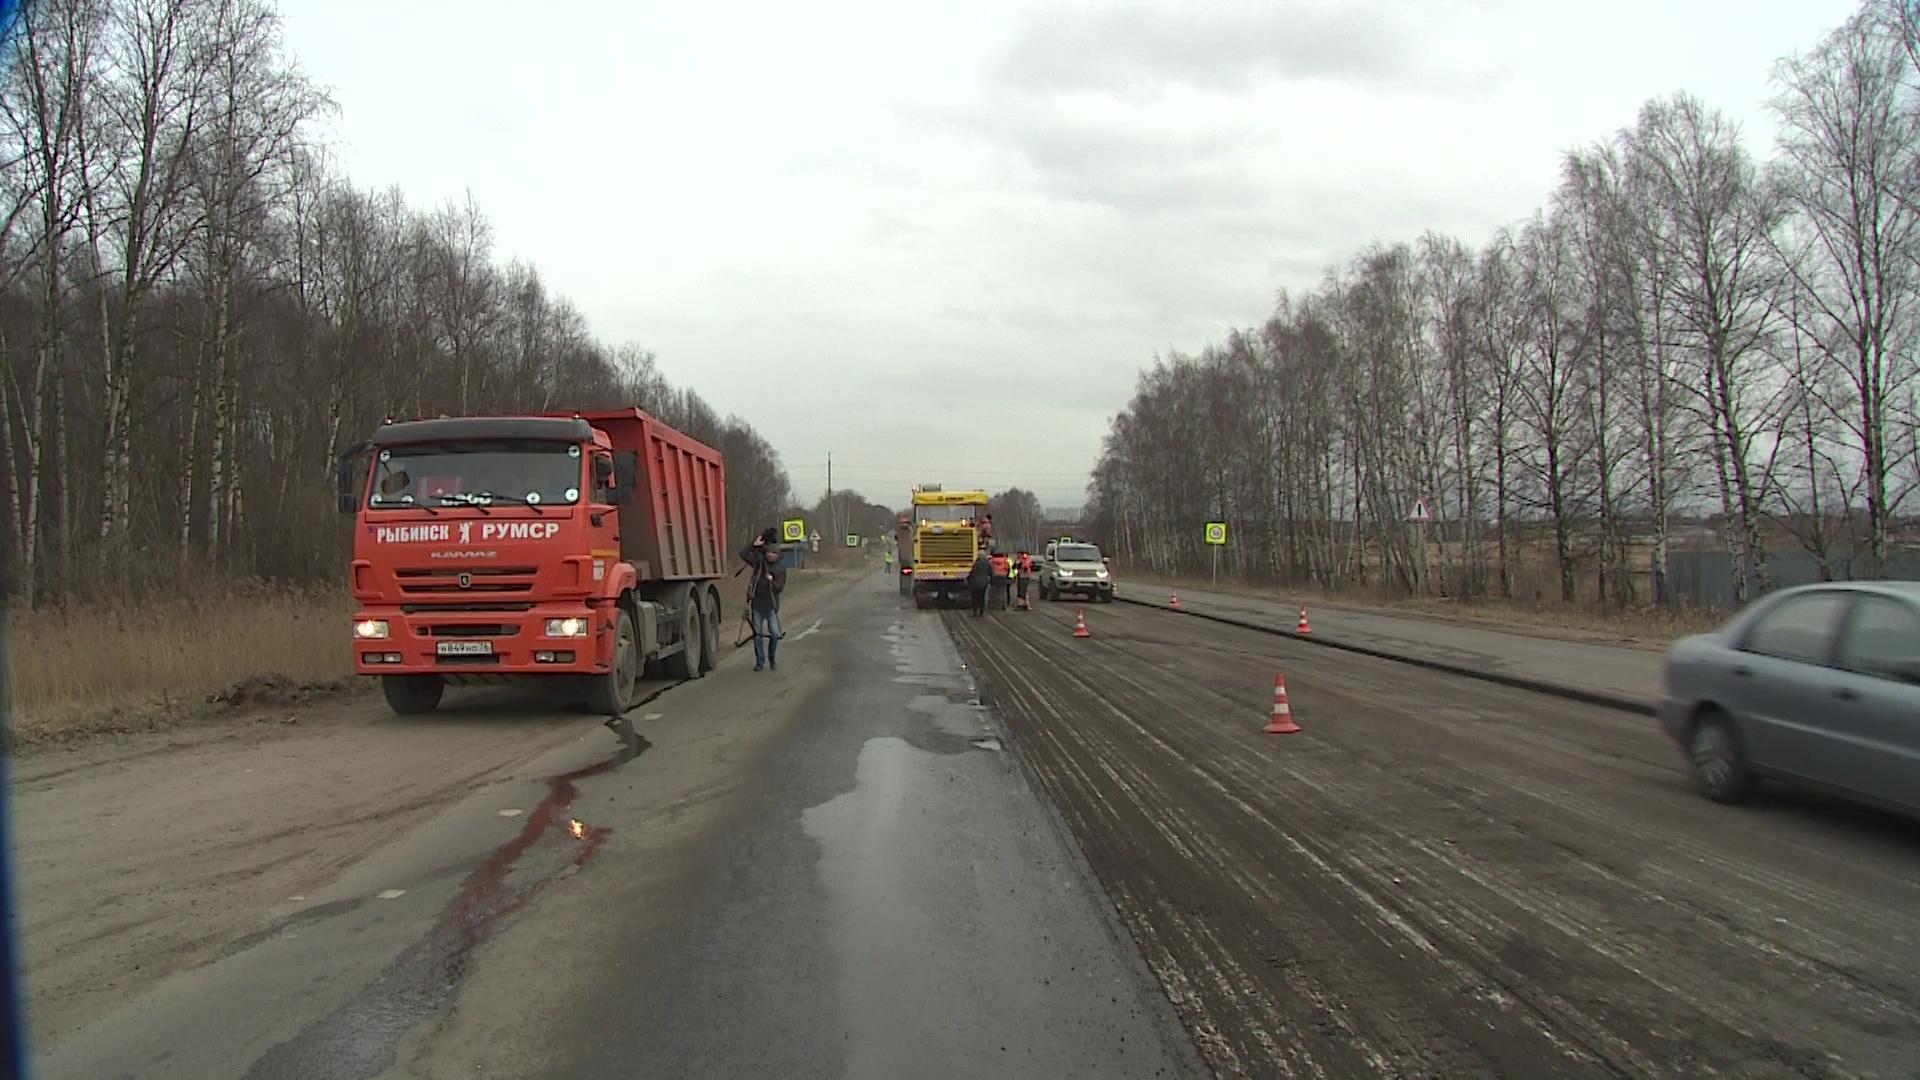 В Ярославле стартовали работы по нацпроекту «Безопасные и качественные автомобильные дороги»